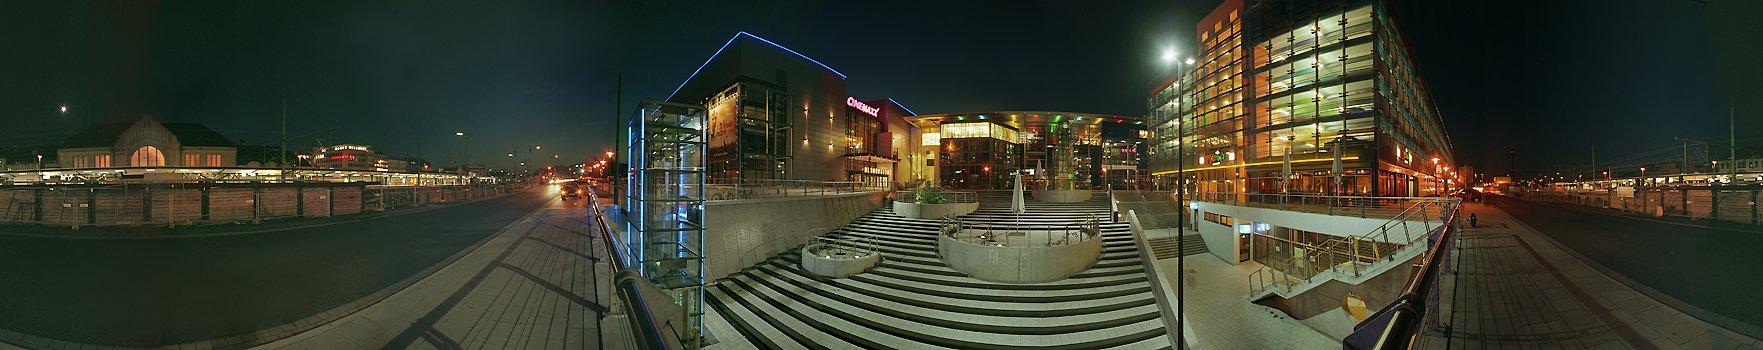 CinemaxX Bielefeld Germany